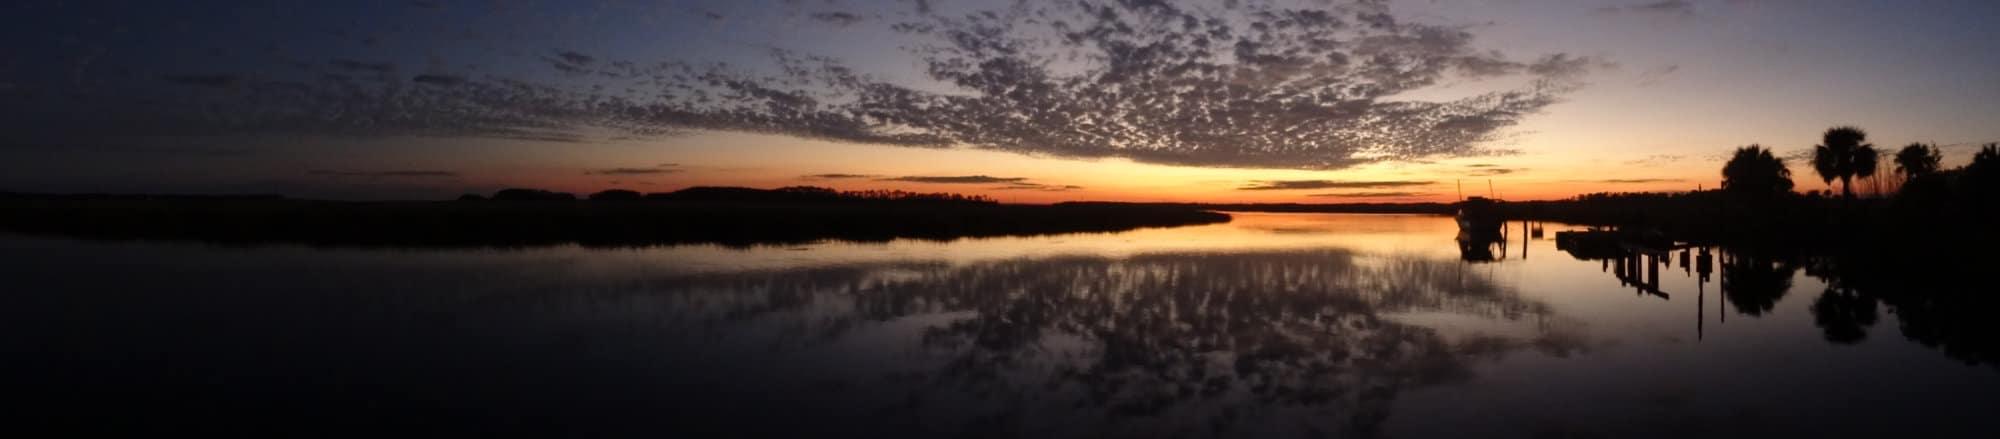 Un magnifique coucher de soleil sur les marais de Savannah